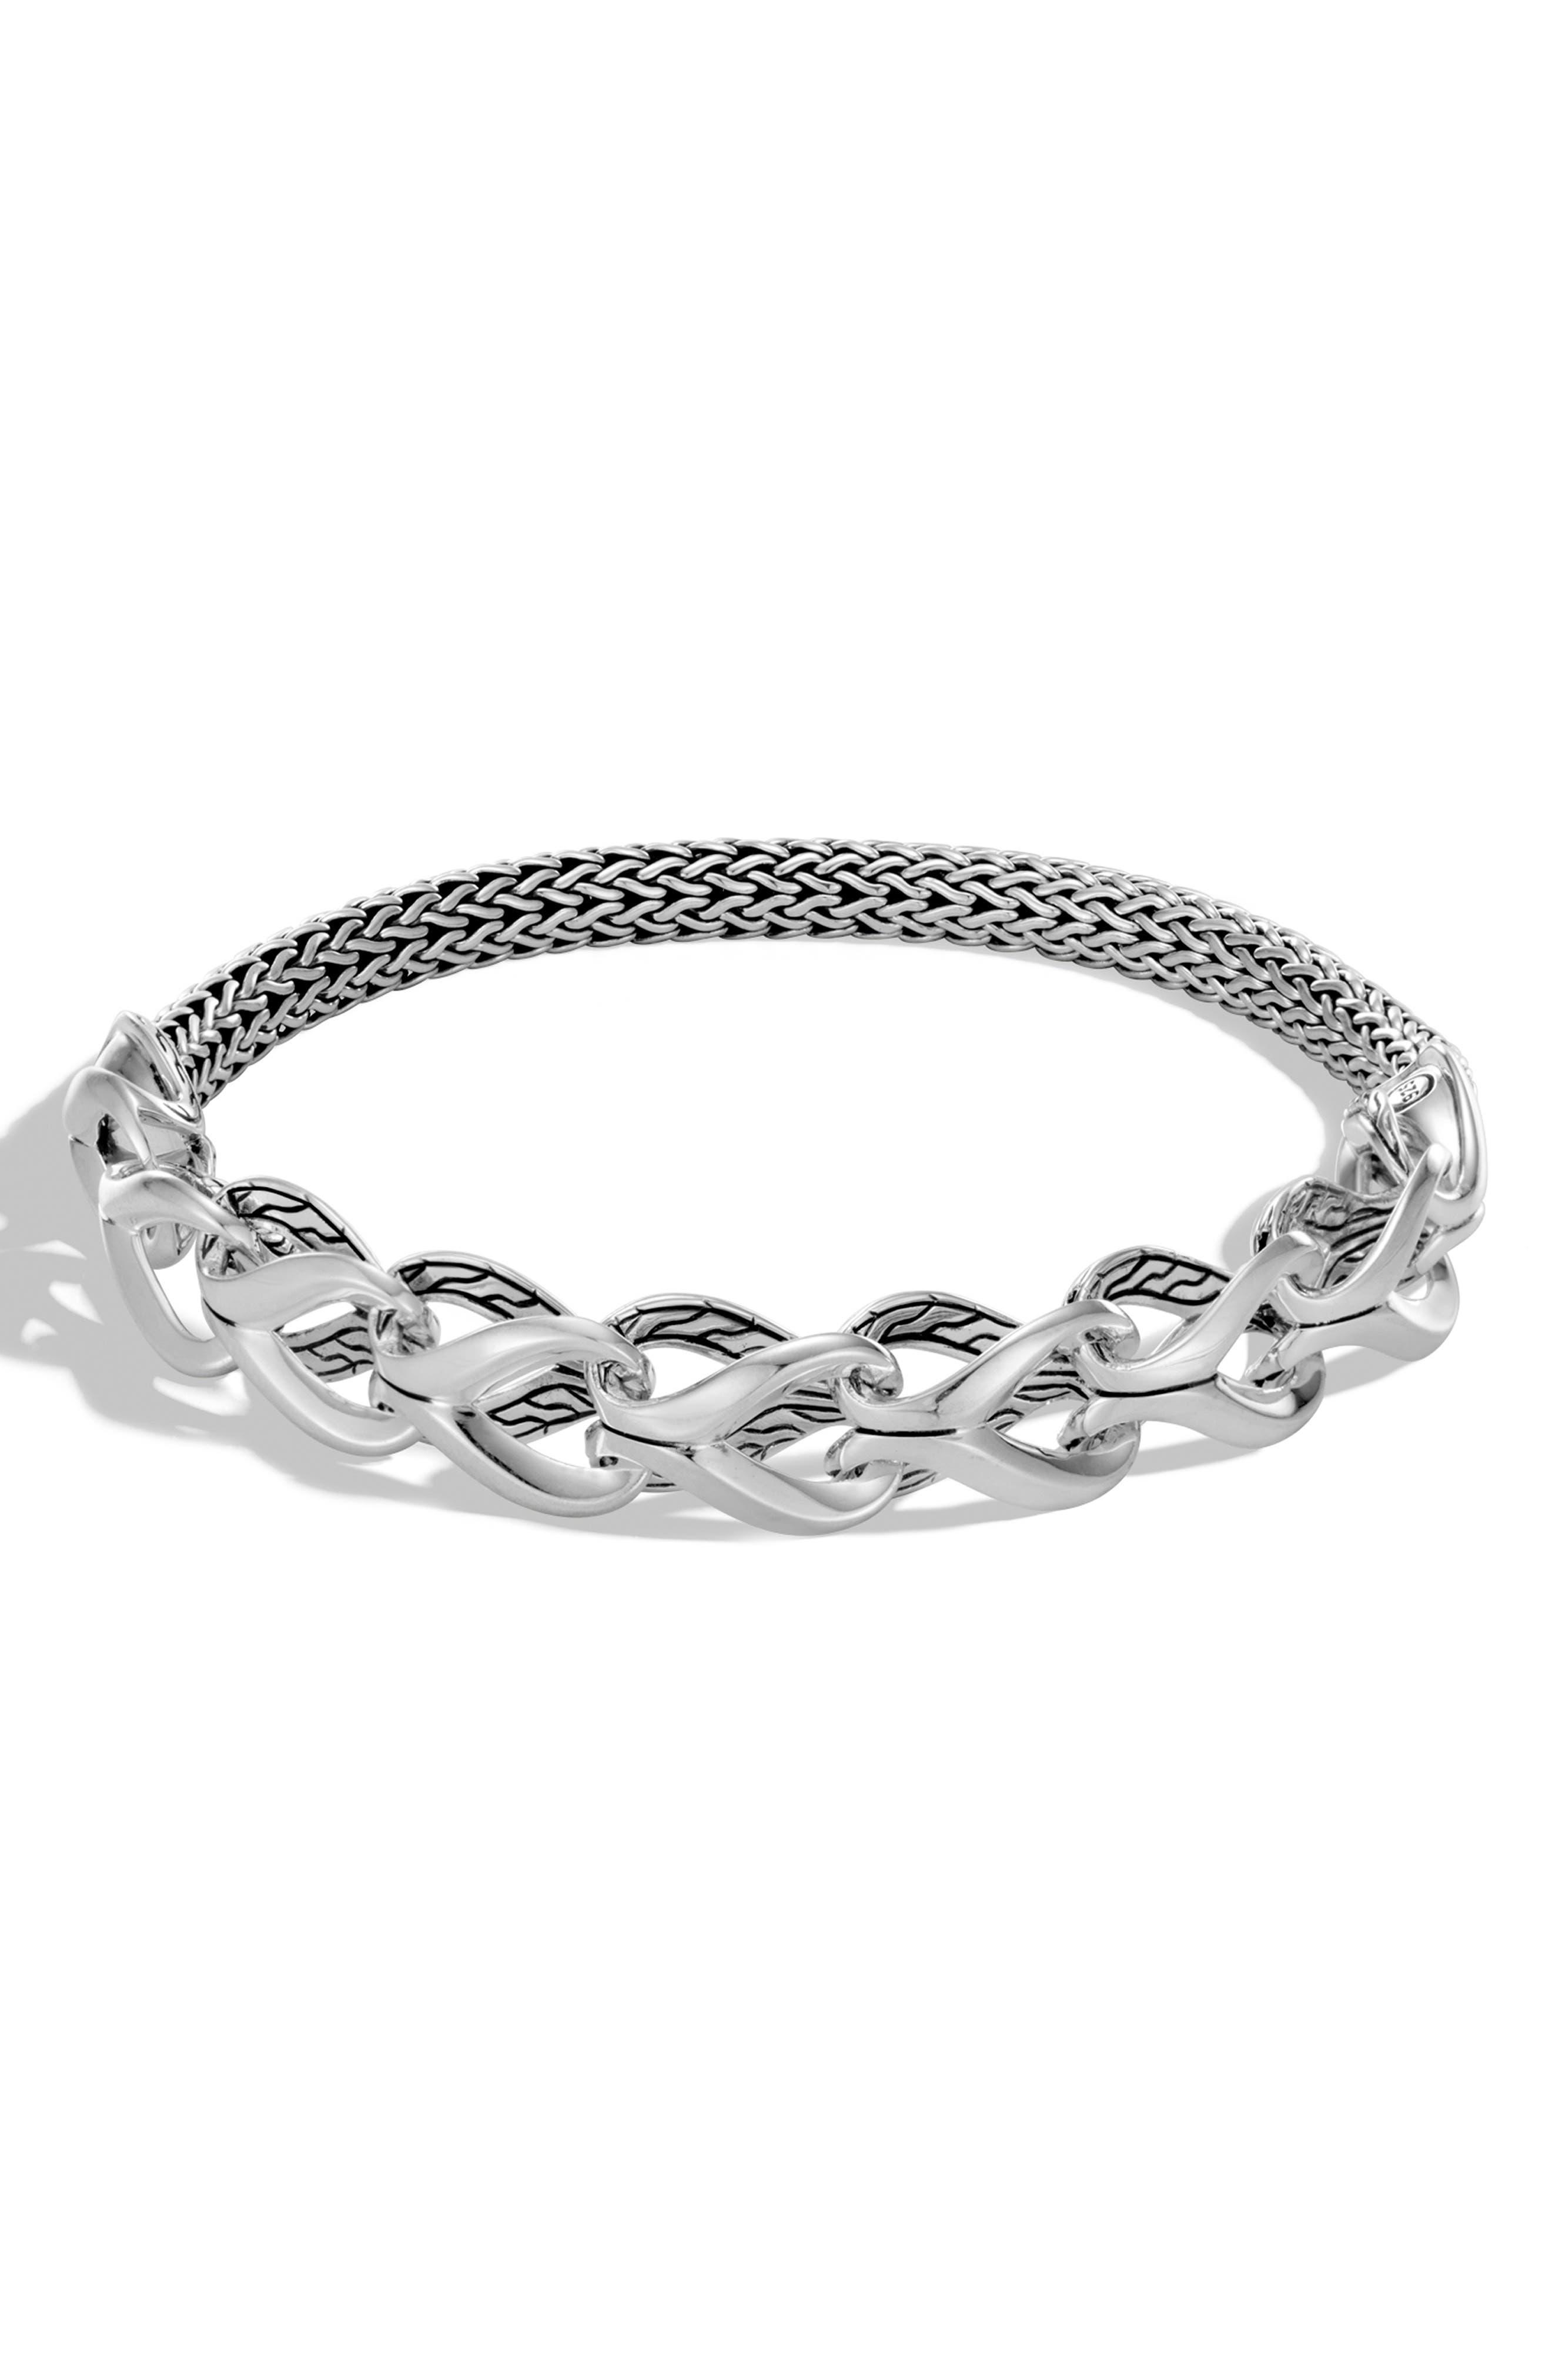 Classic Chain Half Link Bracelet,                             Main thumbnail 1, color,                             SILVER